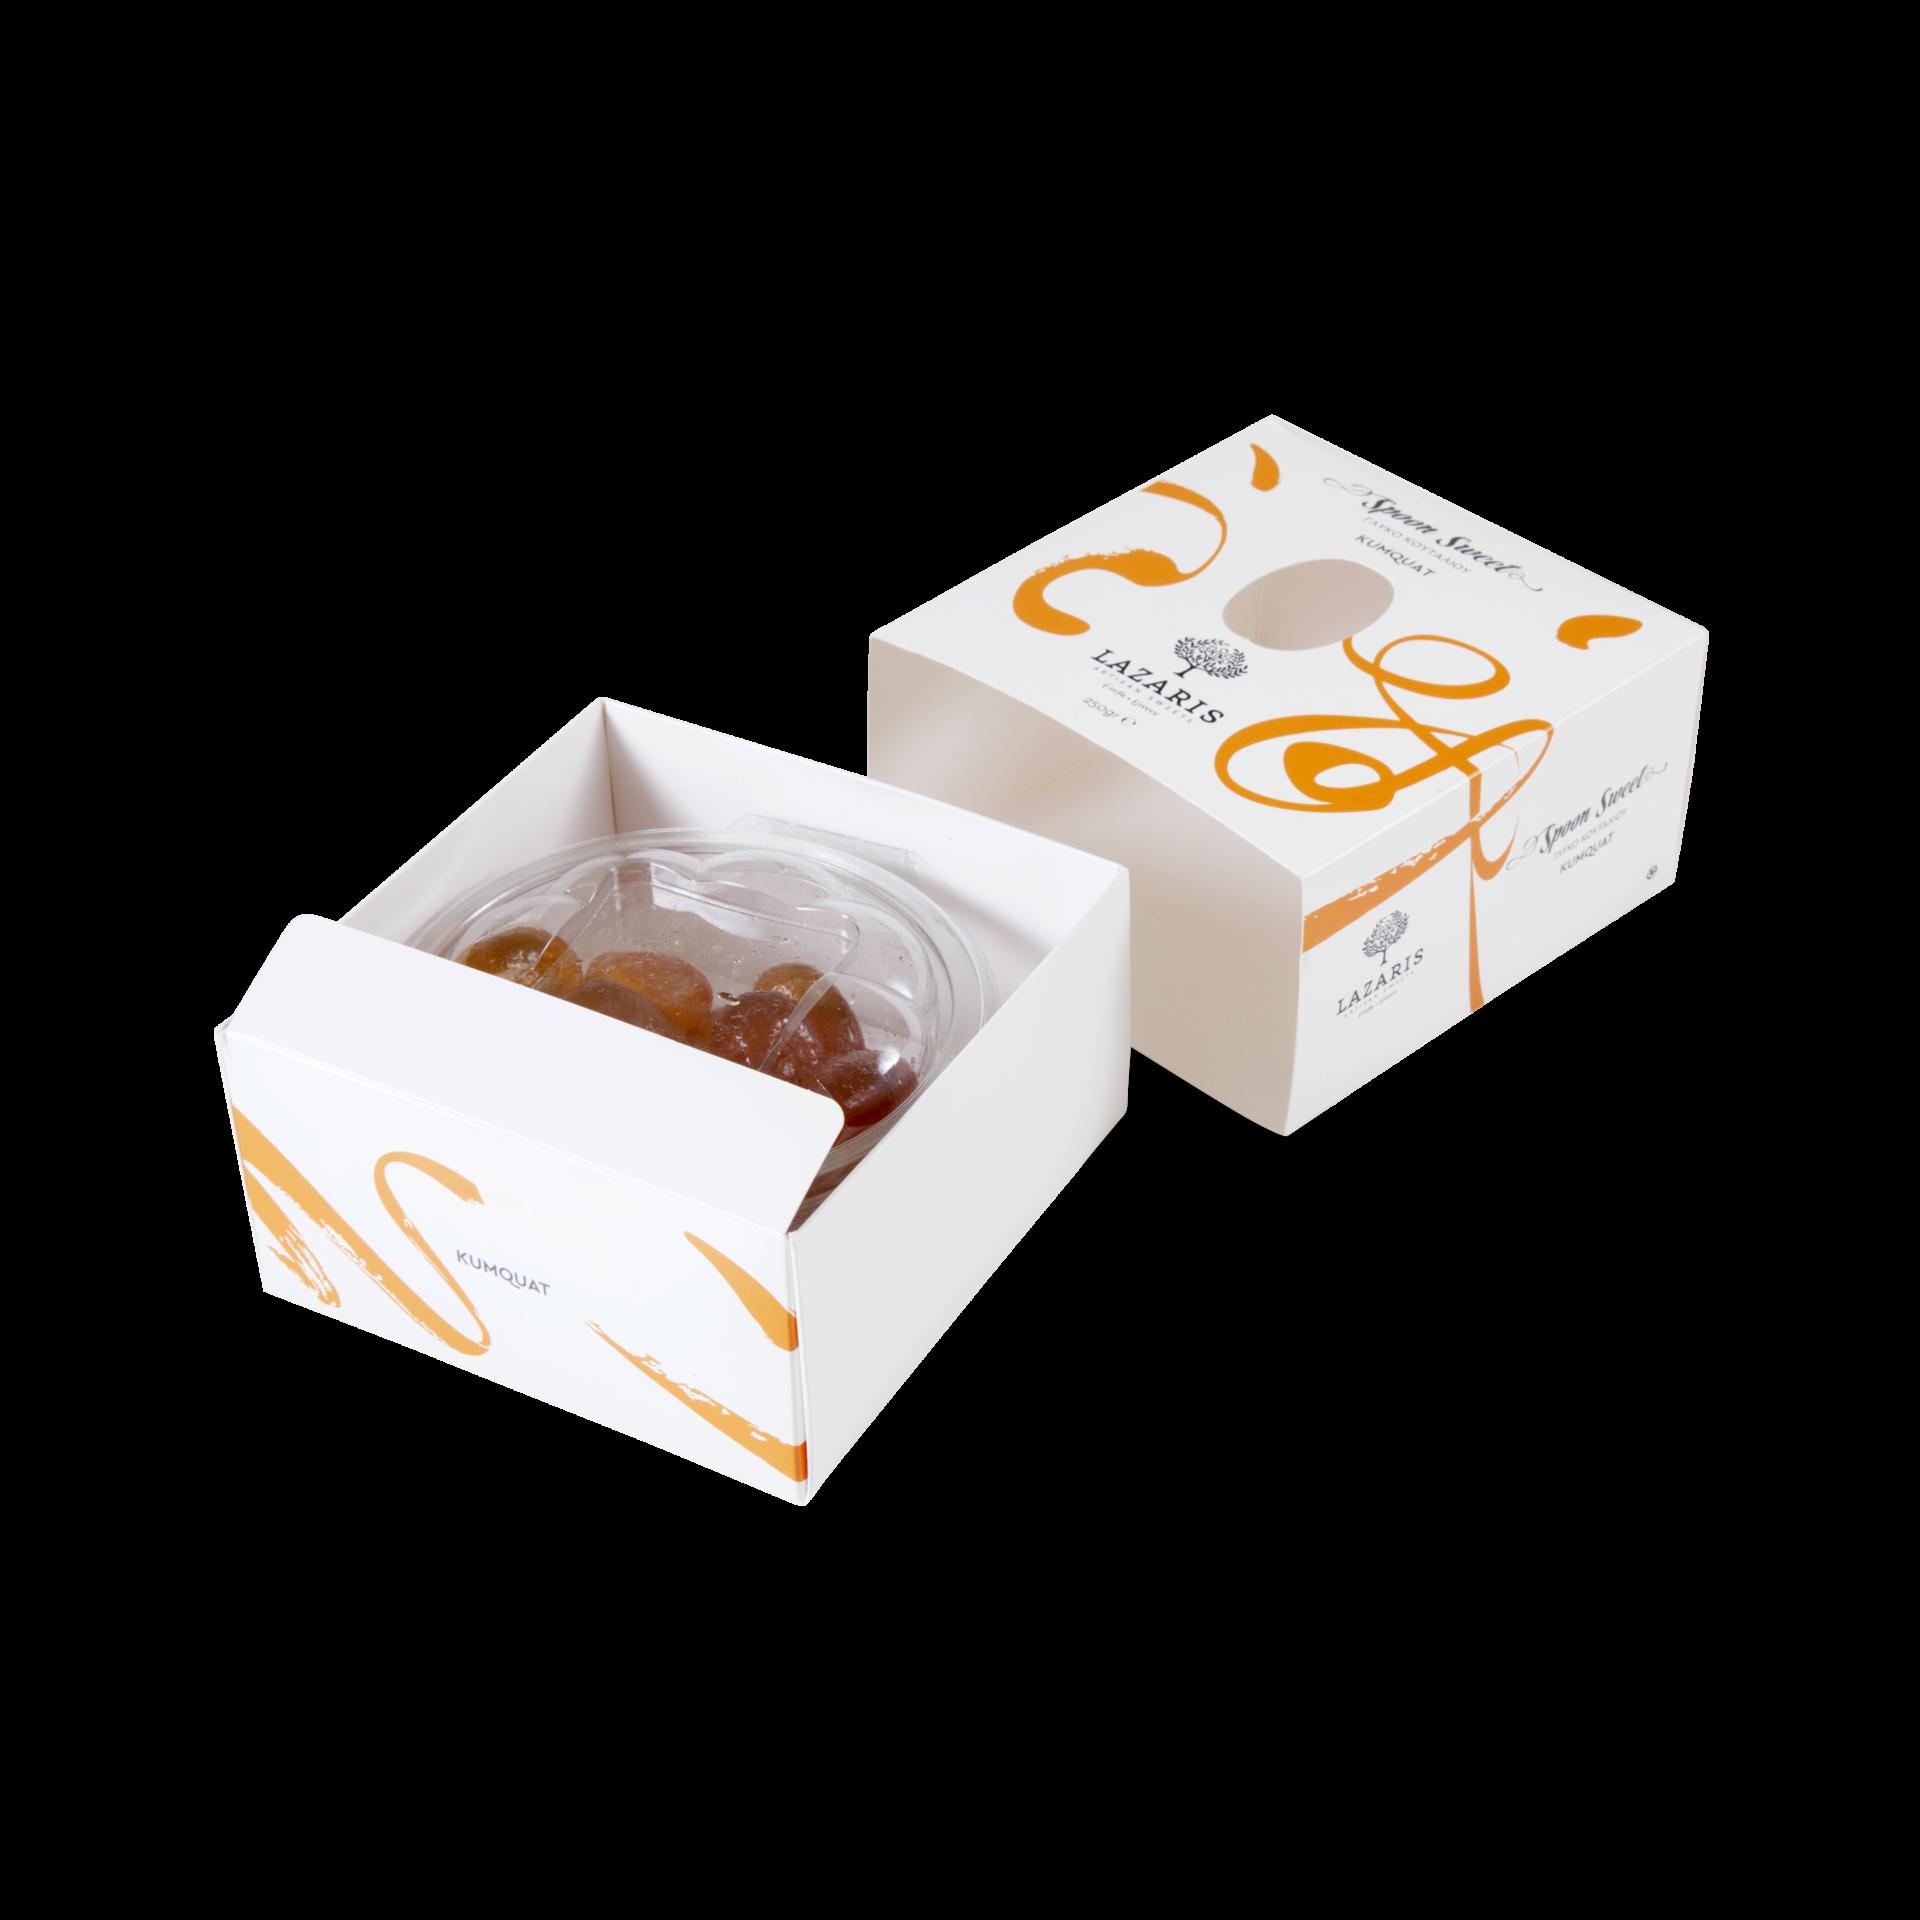 spoon sweet BOX 250g 1200x1200 side